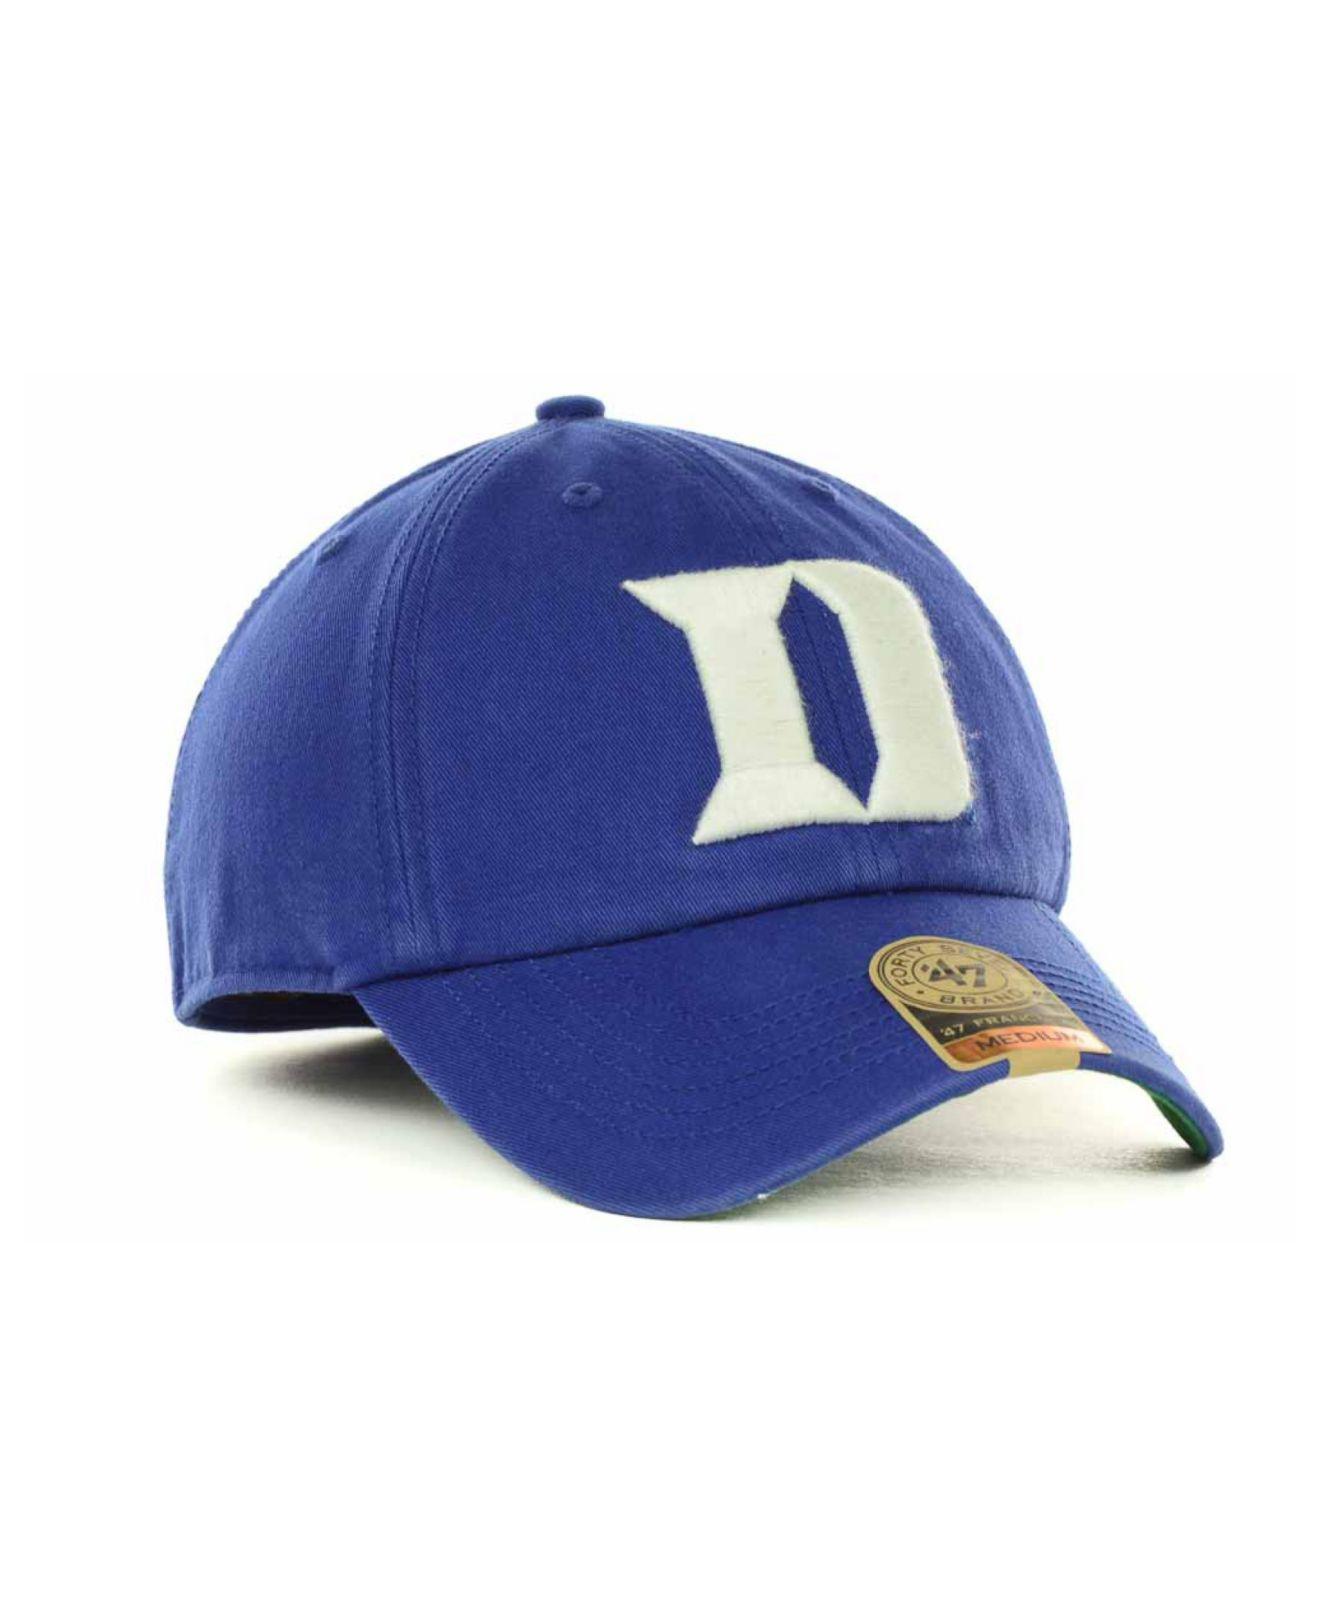 quality design 3d9d0 fbf45 ... cheap lyst 47 brand duke blue devils franchise cap in blue for men  dd5e3 2c1fe